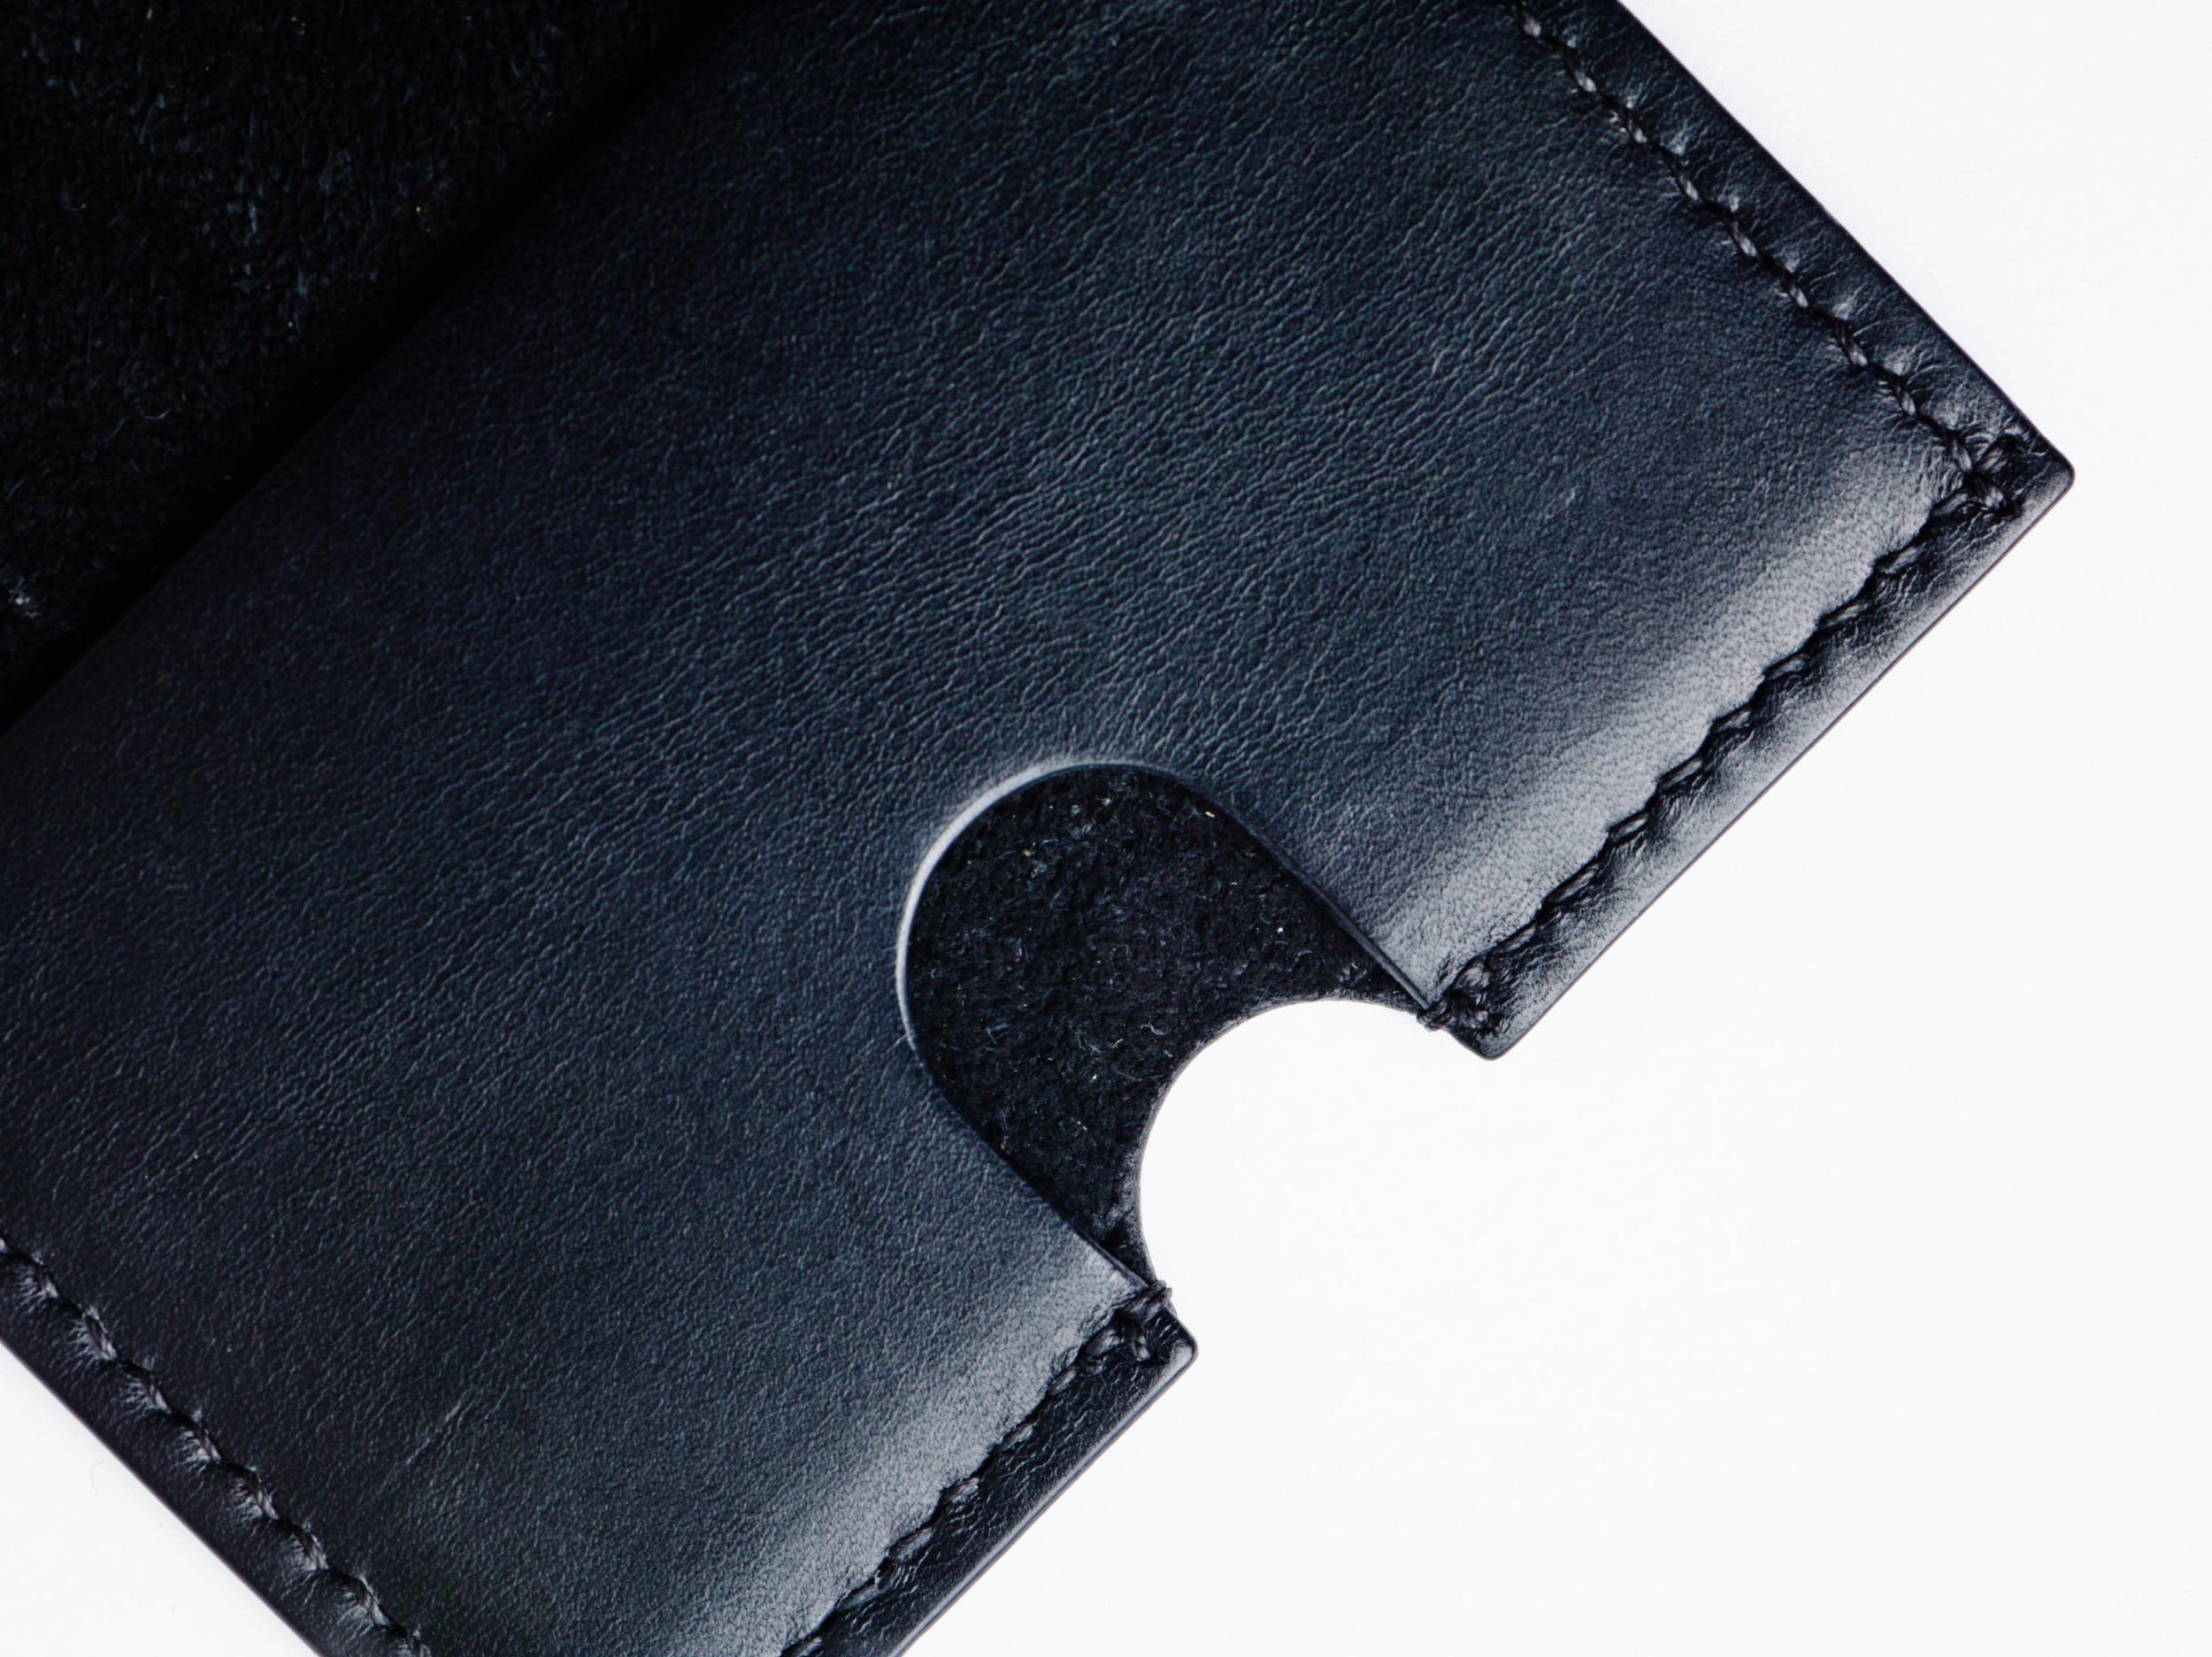 Tallowin wallets1457.jpg